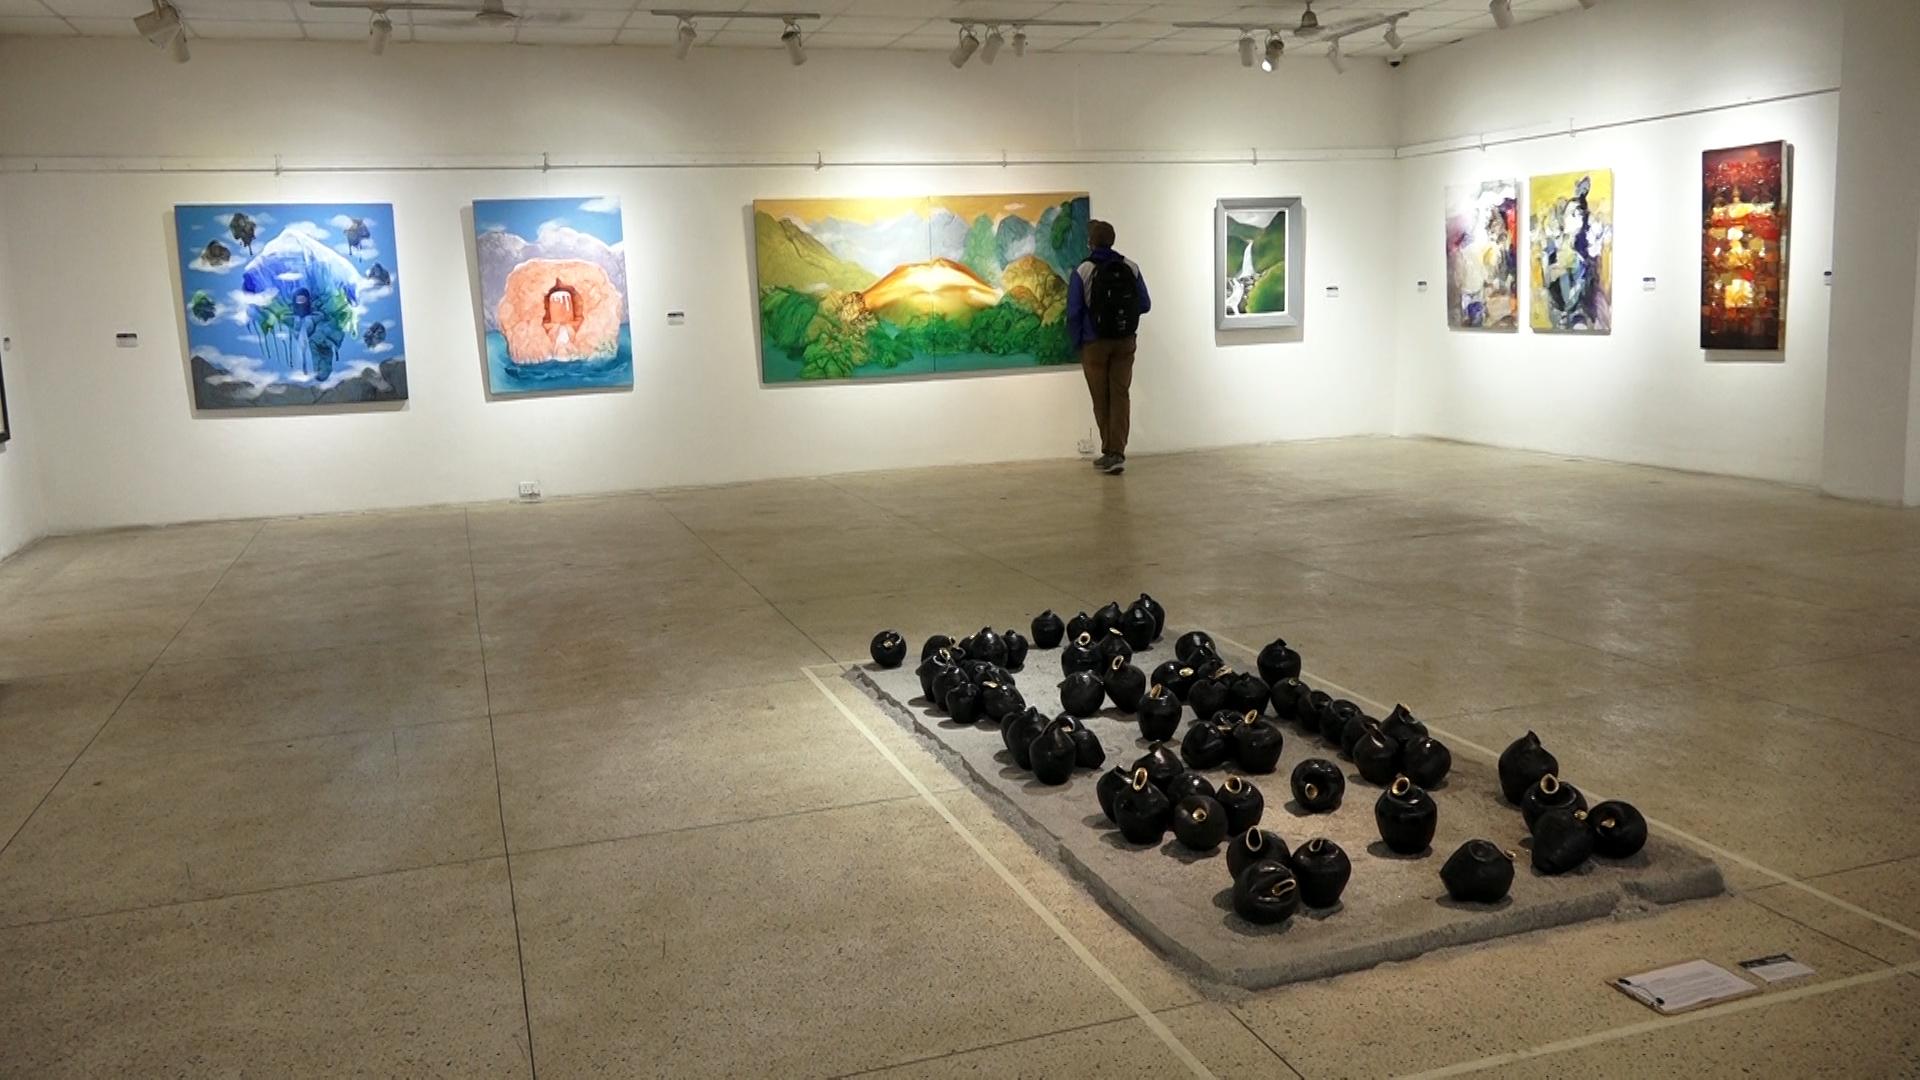 काठमाडौंमा चित्रकला प्रदर्शनी शुरु